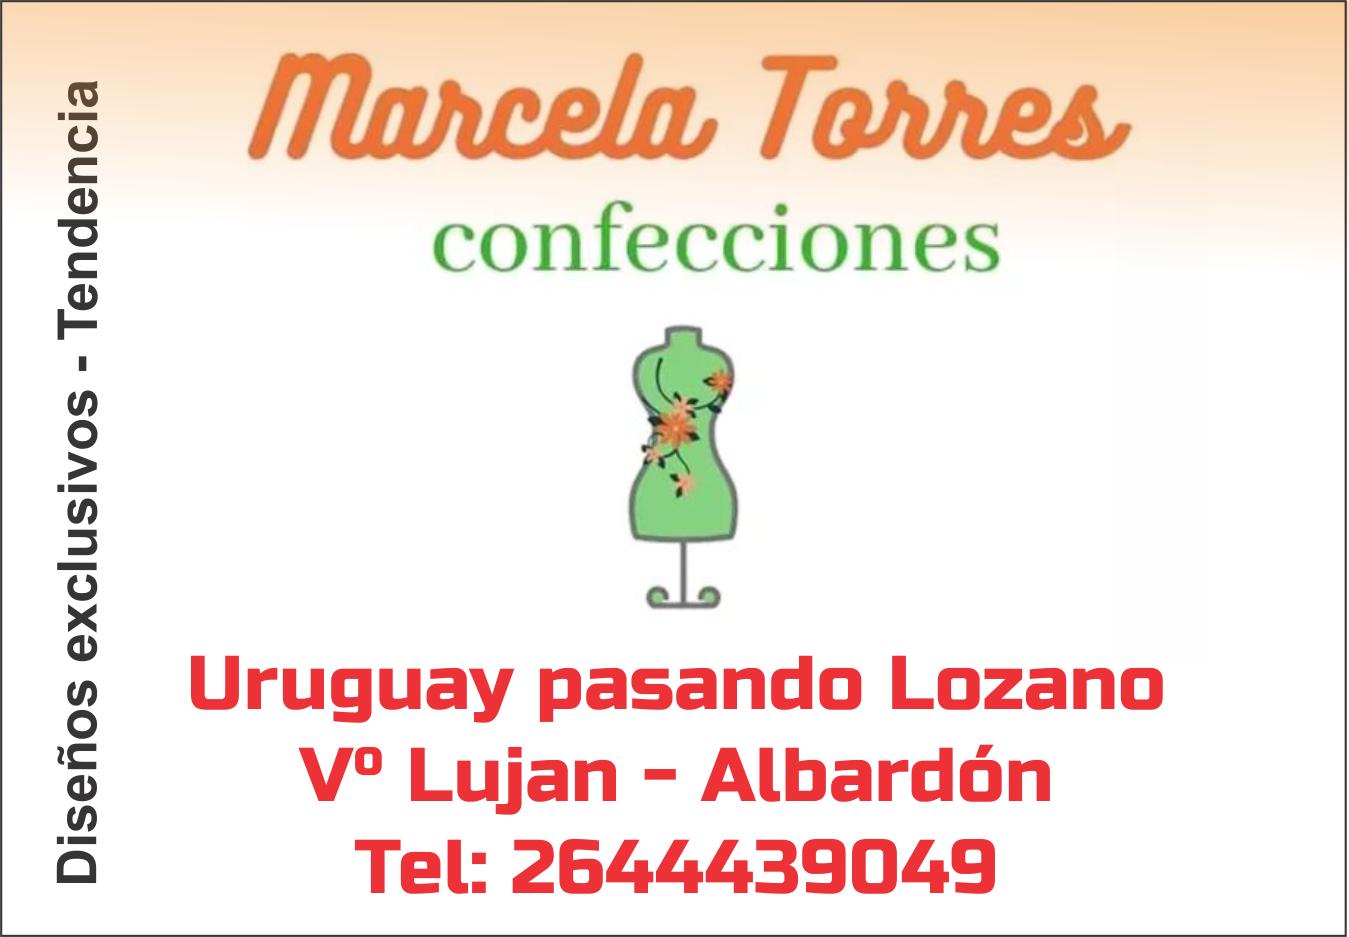 MARCELA-TORRES